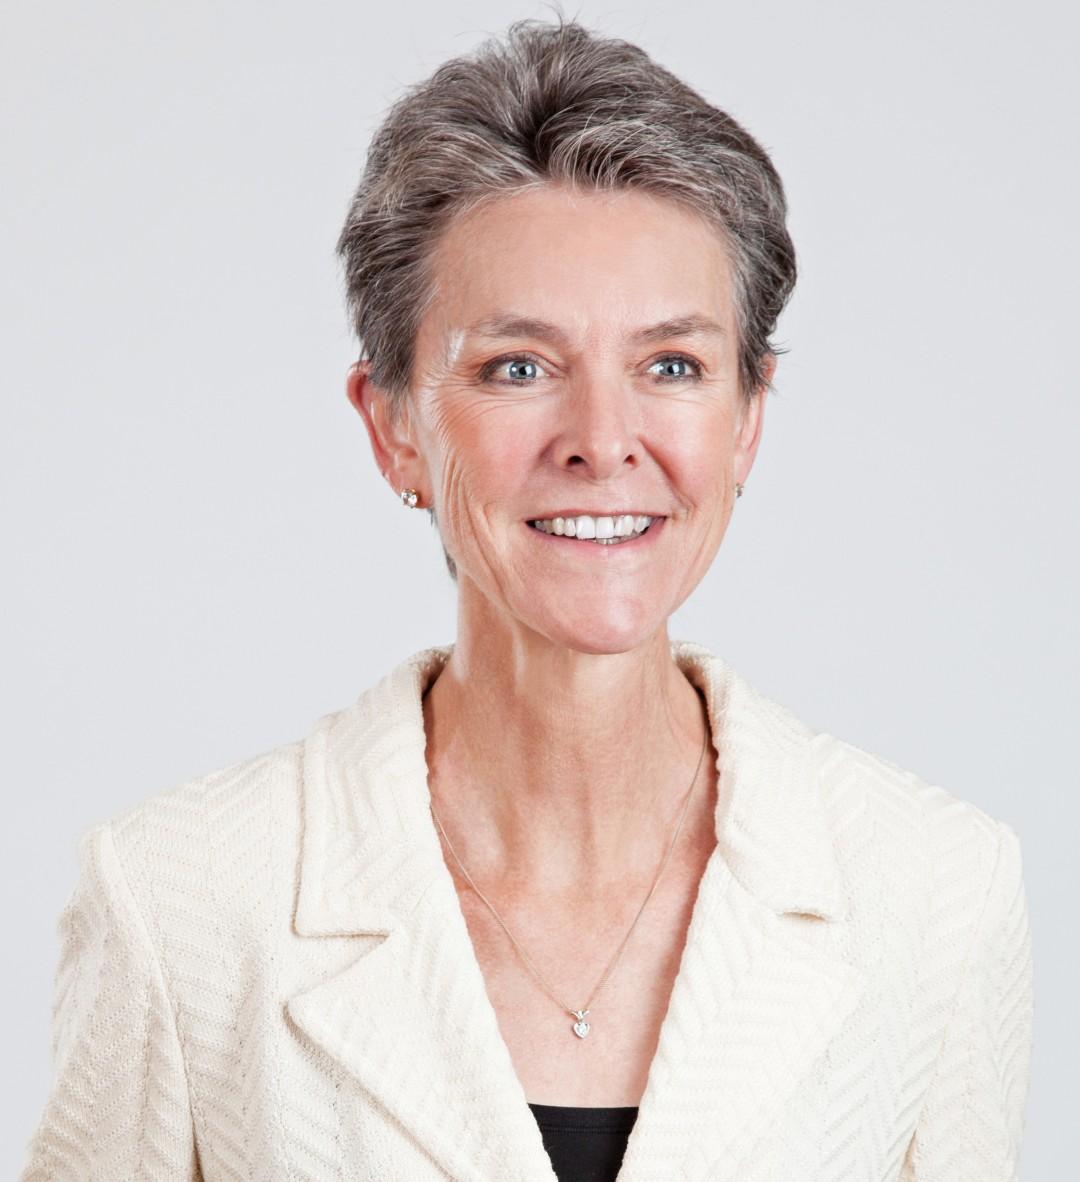 Beth Brooke-Marciniak